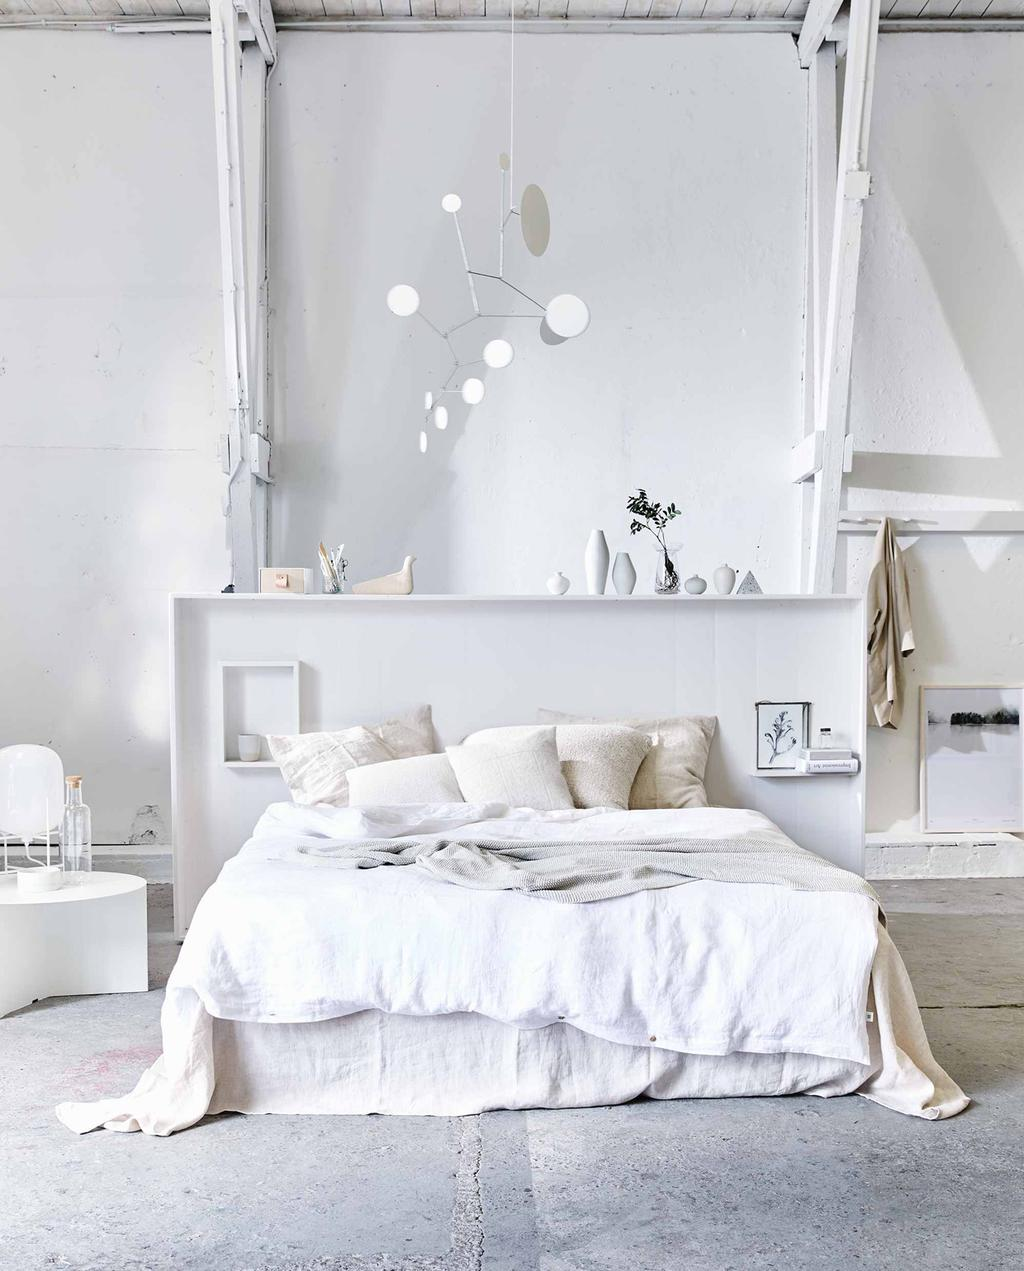 vtwonen 2017-07 | slaapkamer met opgemaakt bed met wit beddengoed en lichte tinten